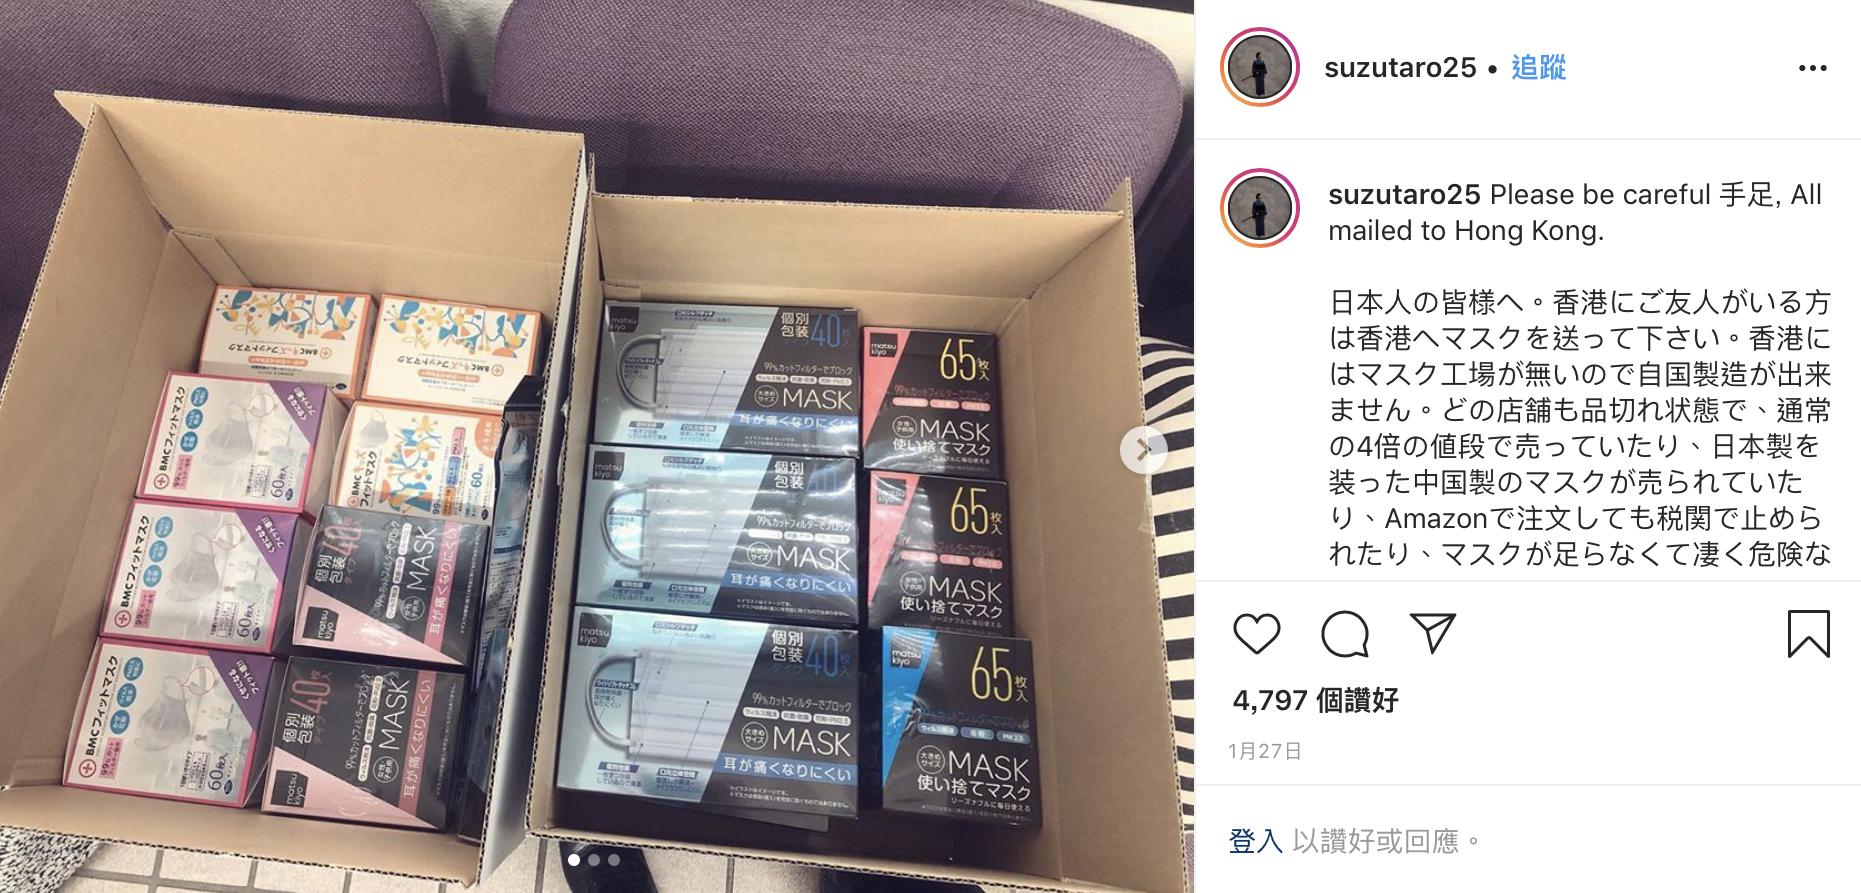 平野鈴子得悉香港有物資短缺情況,曾在IG呼籲日本朋友把口罩寄到香港。